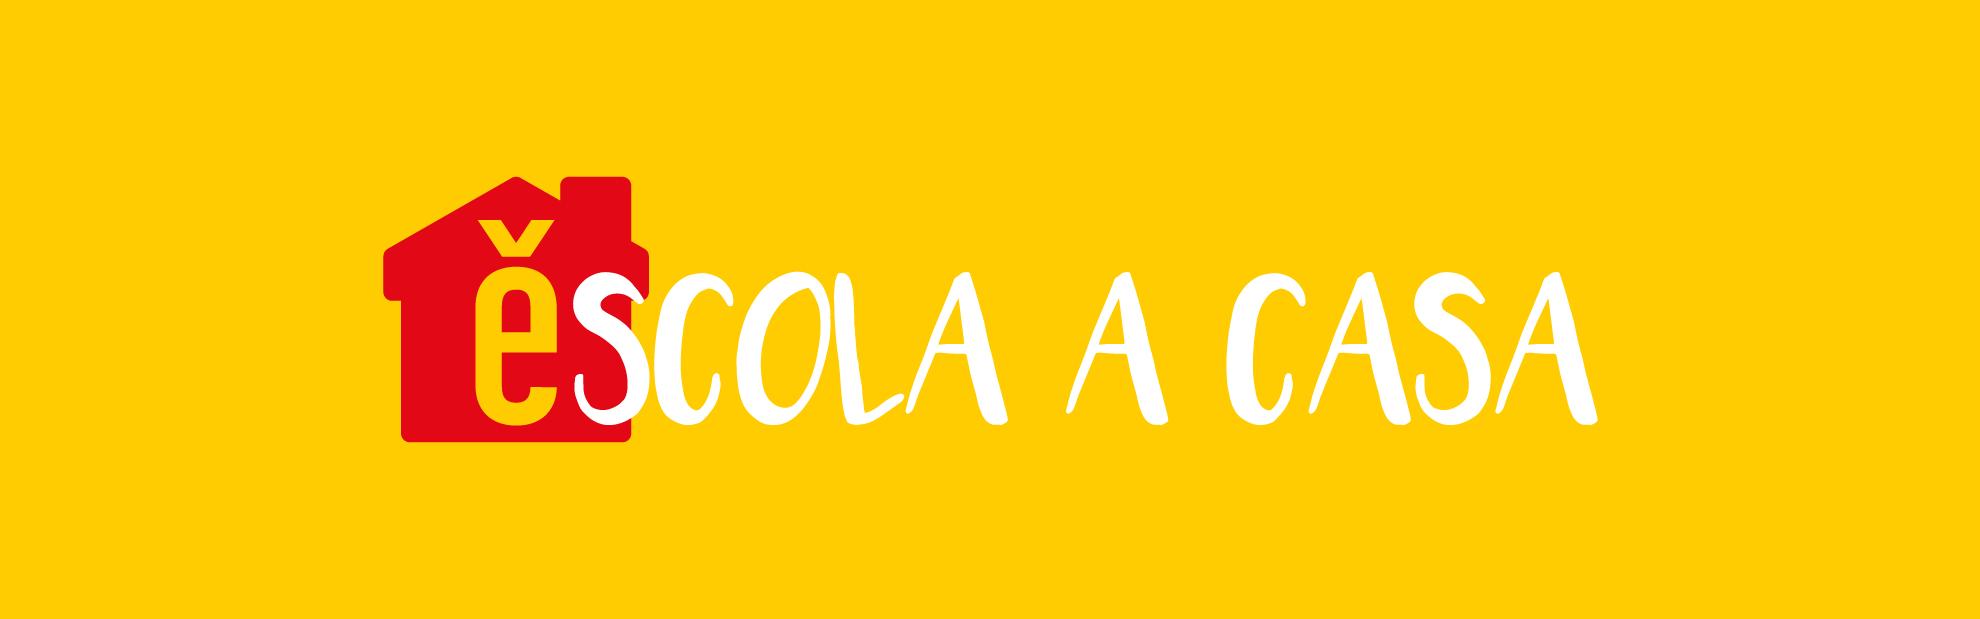 Recursos didàctics que Escola Valenciana facilita als xiquets i xiquetes per al seu aprenentatge des de casa.